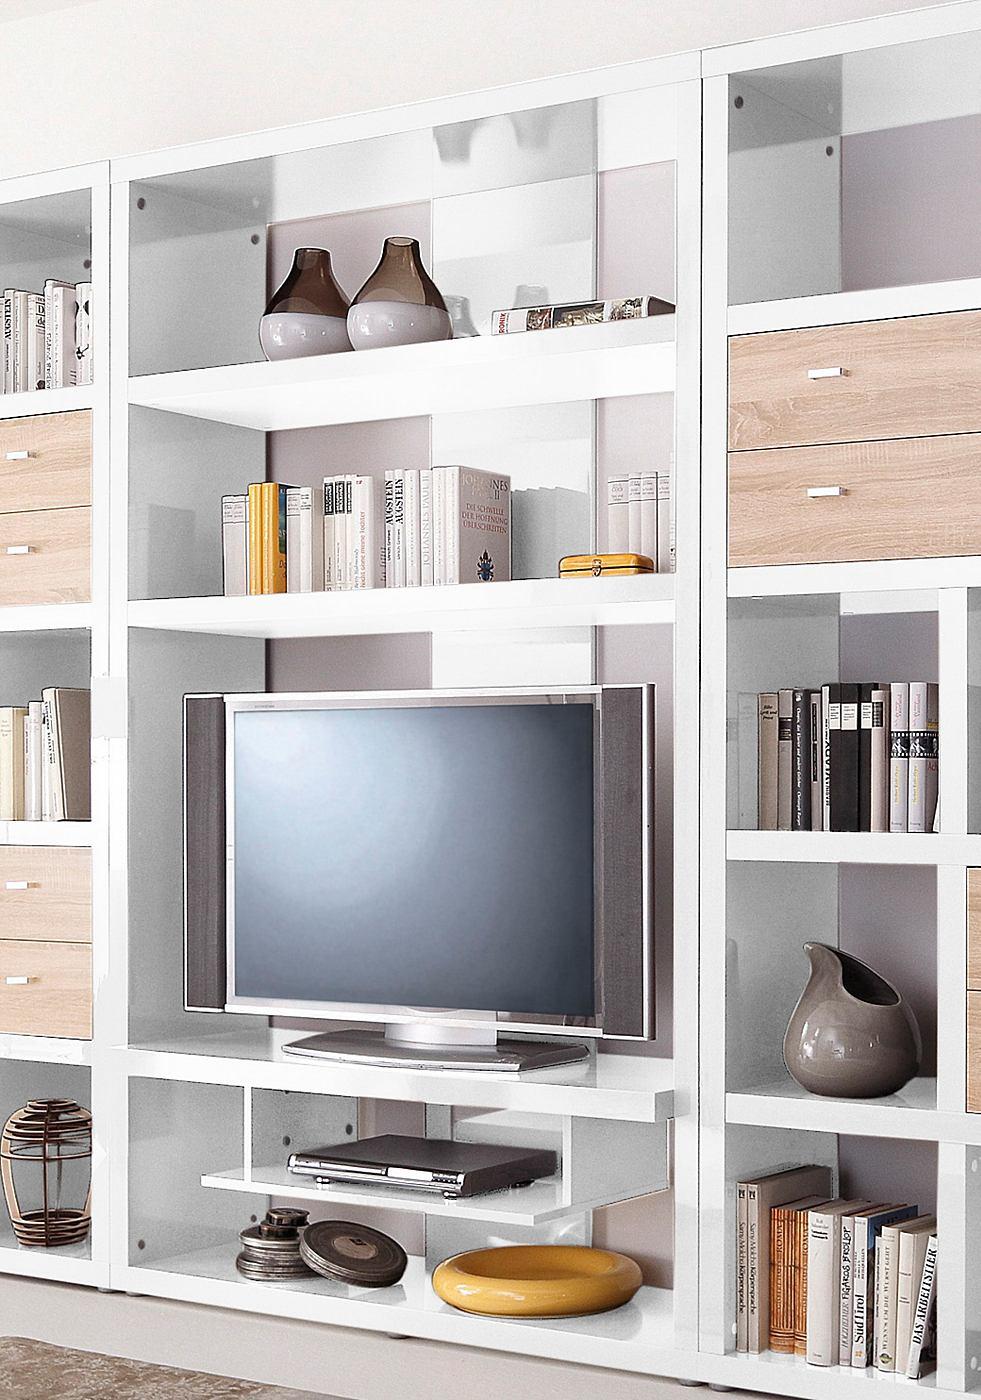 Otto tv meubel kopen?  Online Internetwinkel